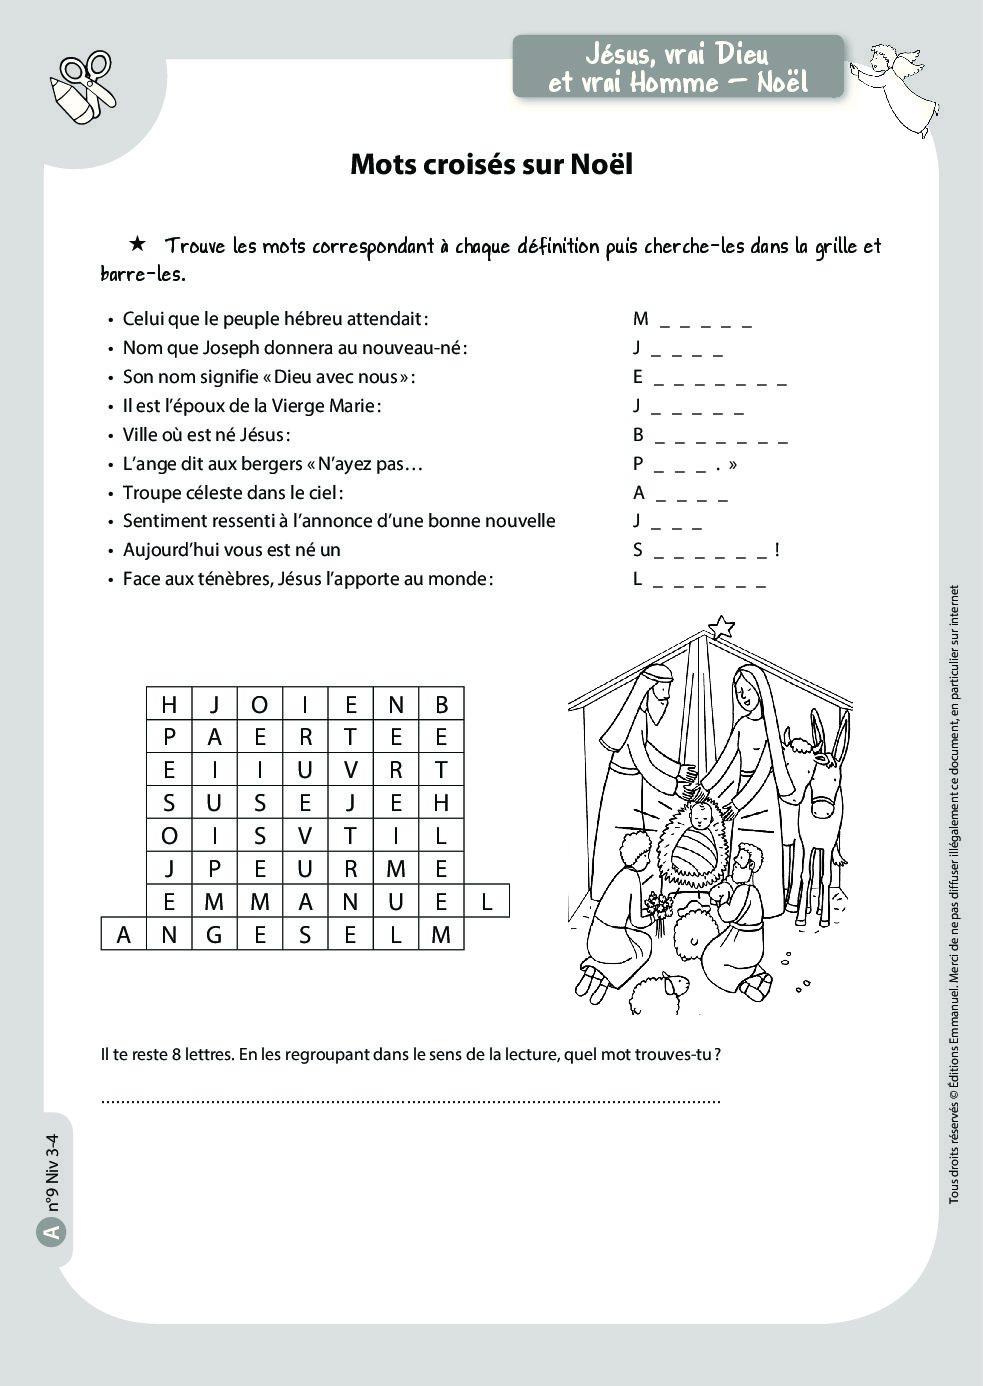 Mots Croisés Sur Noël - Catéchisme Emmanuel intérieur Mots Croisés Gratuits À Imprimer